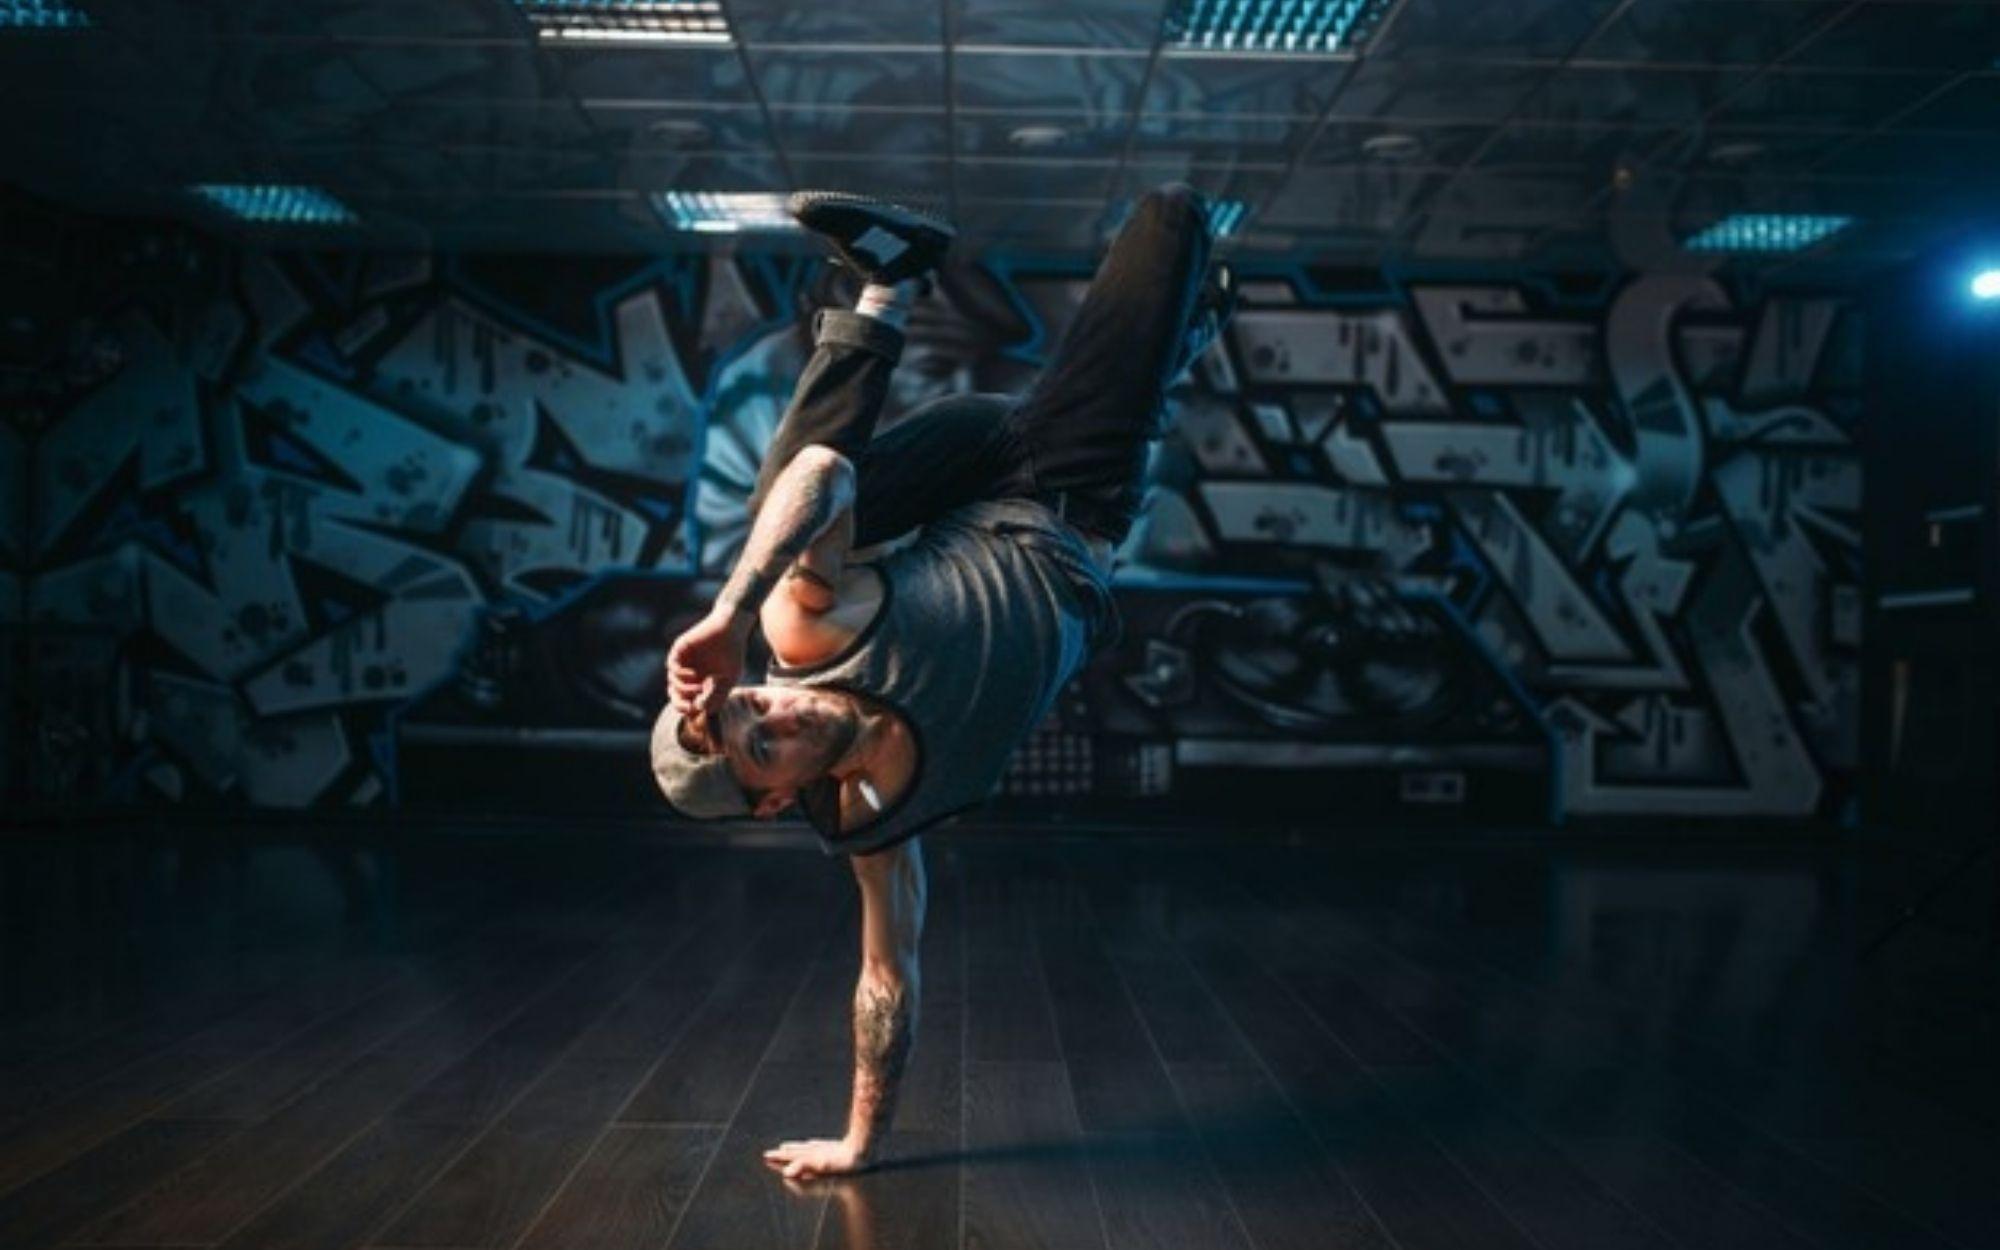 danças urbanas no brasil